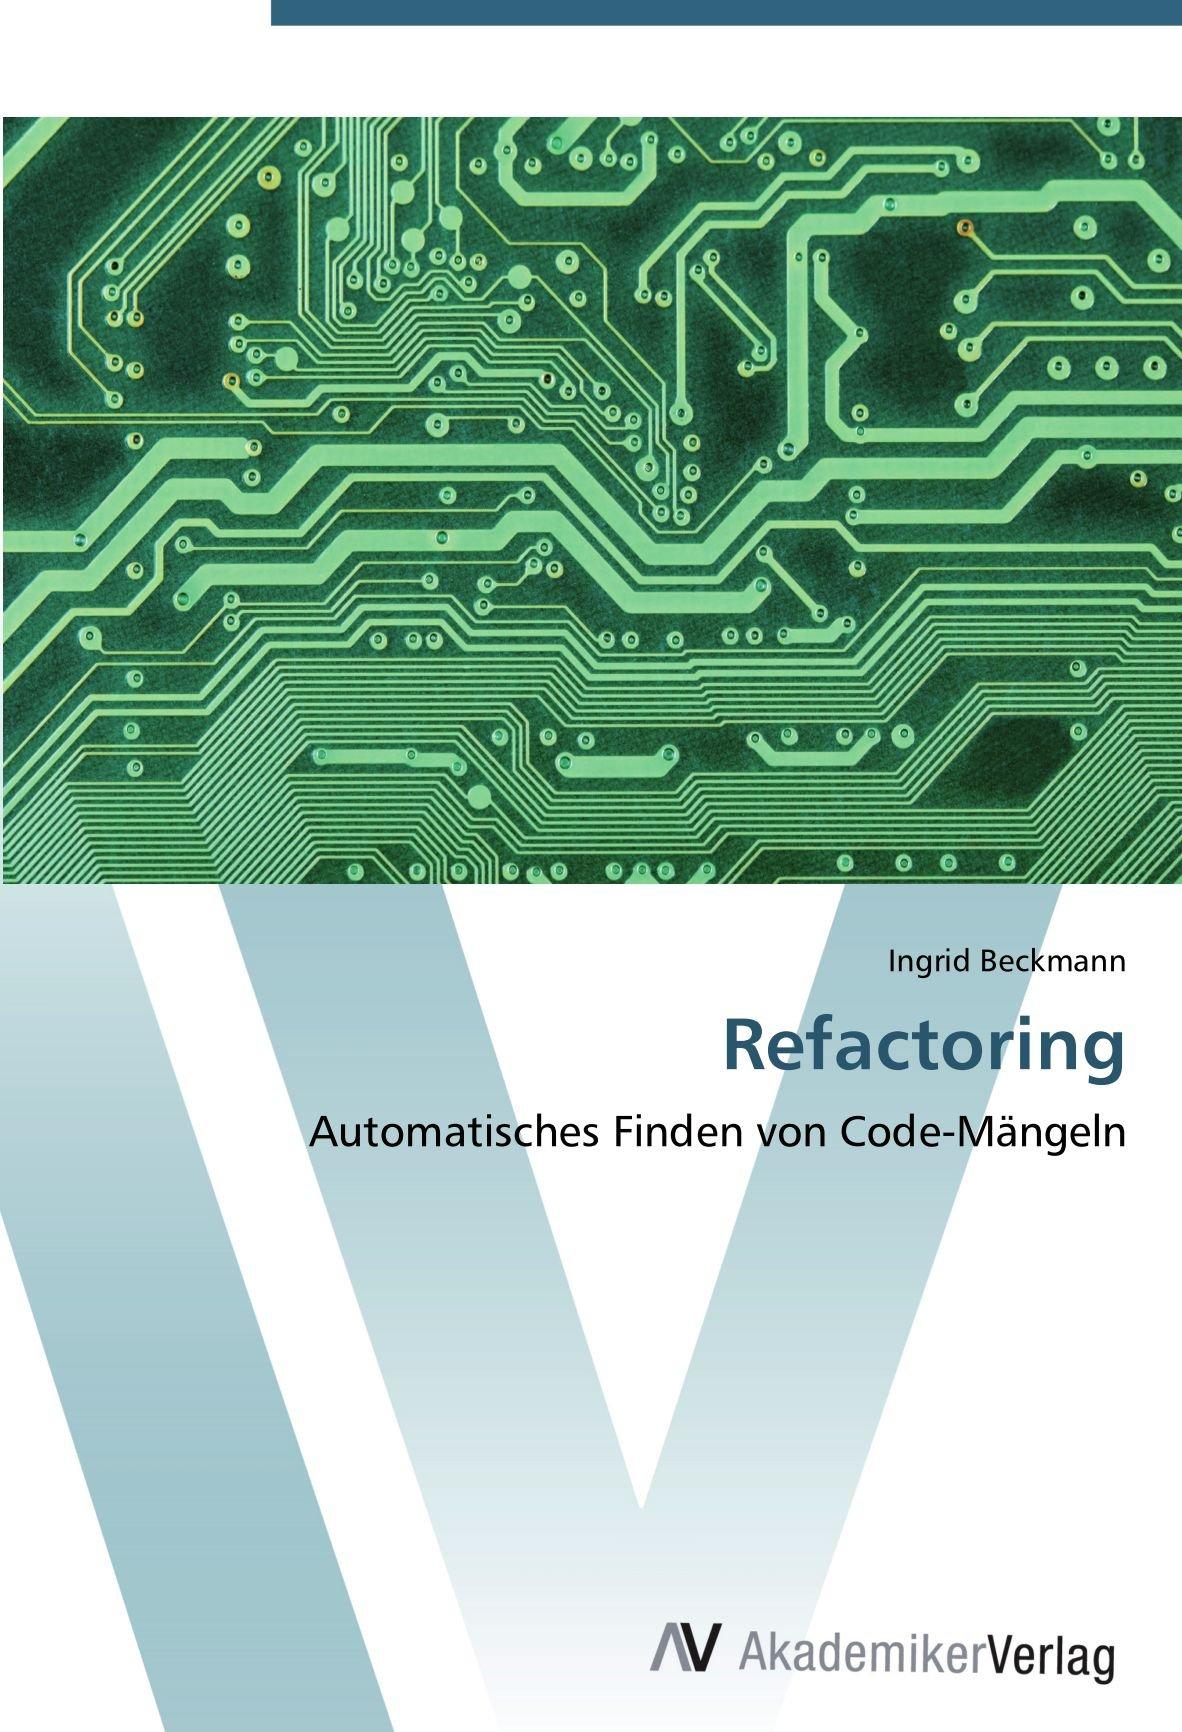 Refactoring: Automatisches Finden von Code-Mängeln